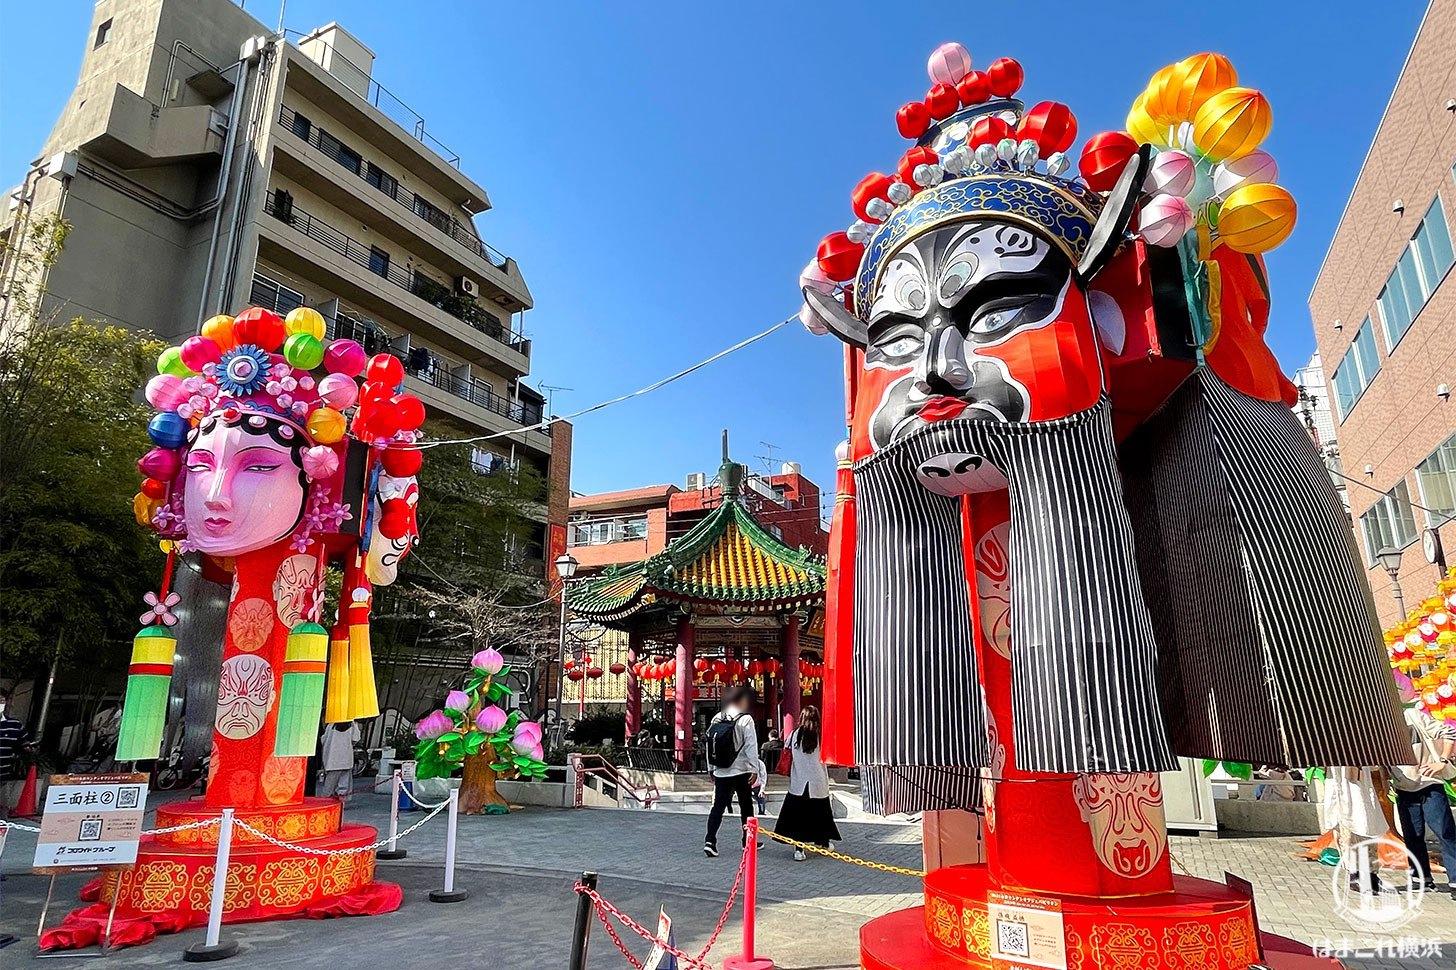 横浜中華街・春節「ランタンオブジェパビリオン」お昼に見ても華やかで素敵な空間!